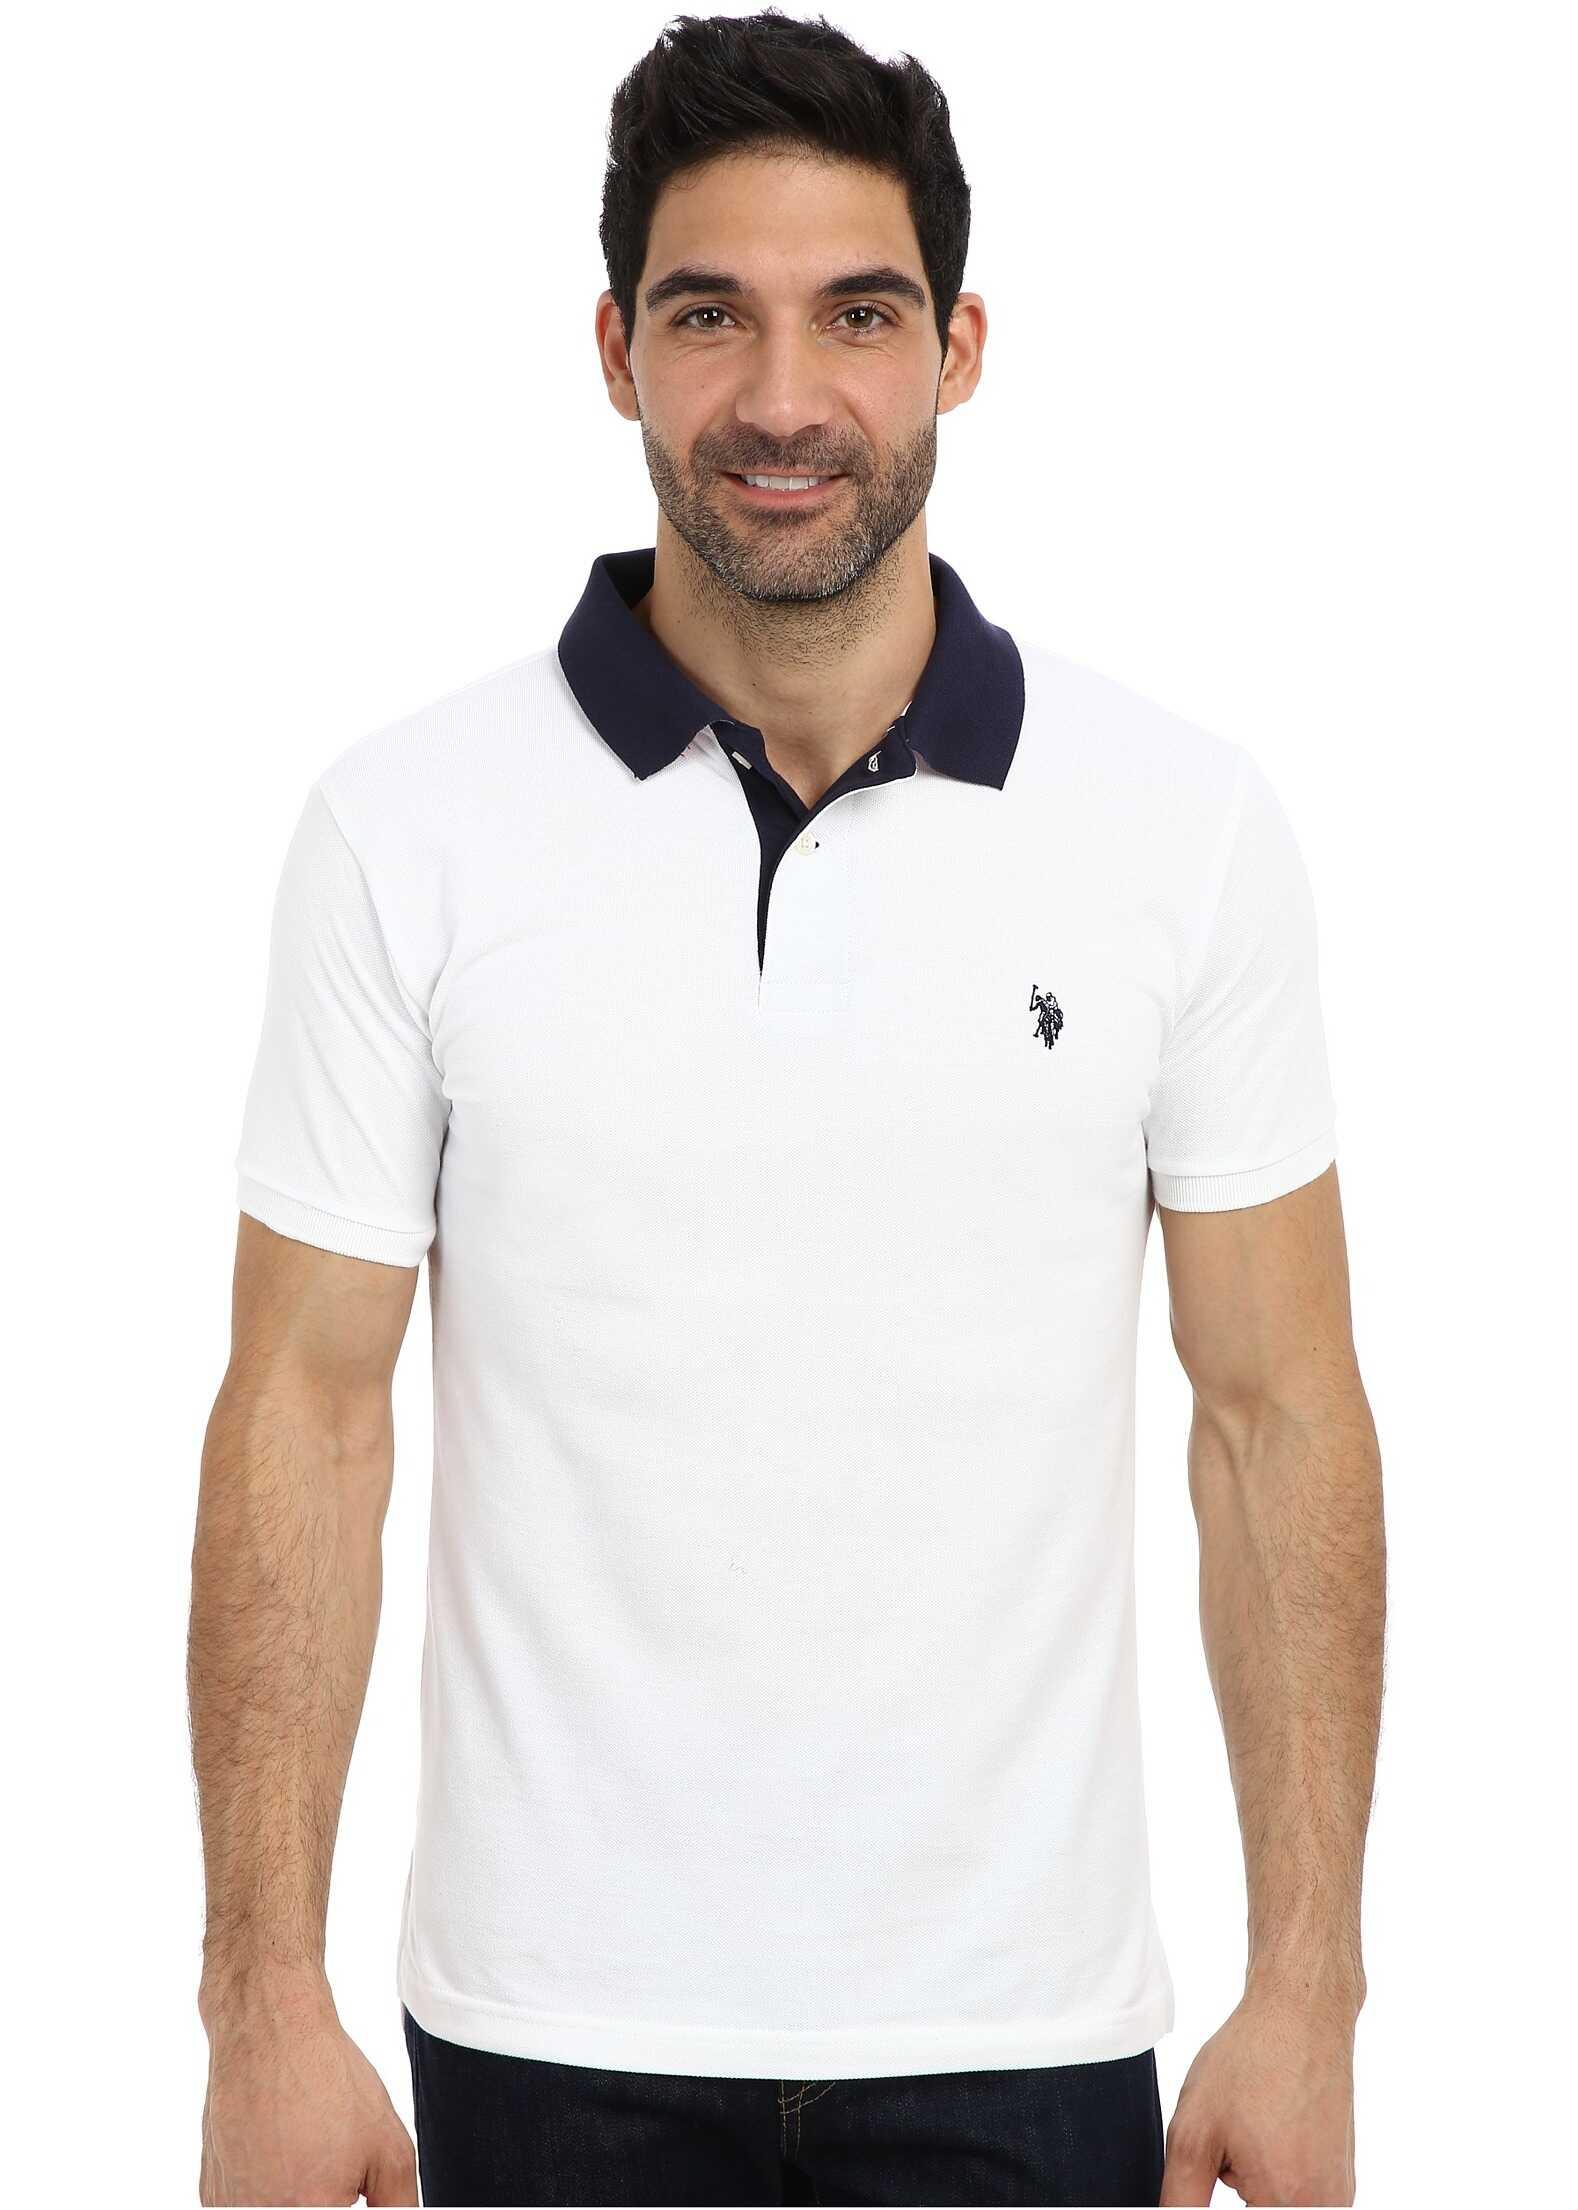 Tricou Polo Barbati U.s. Polo Assn. Slim Fit Solid